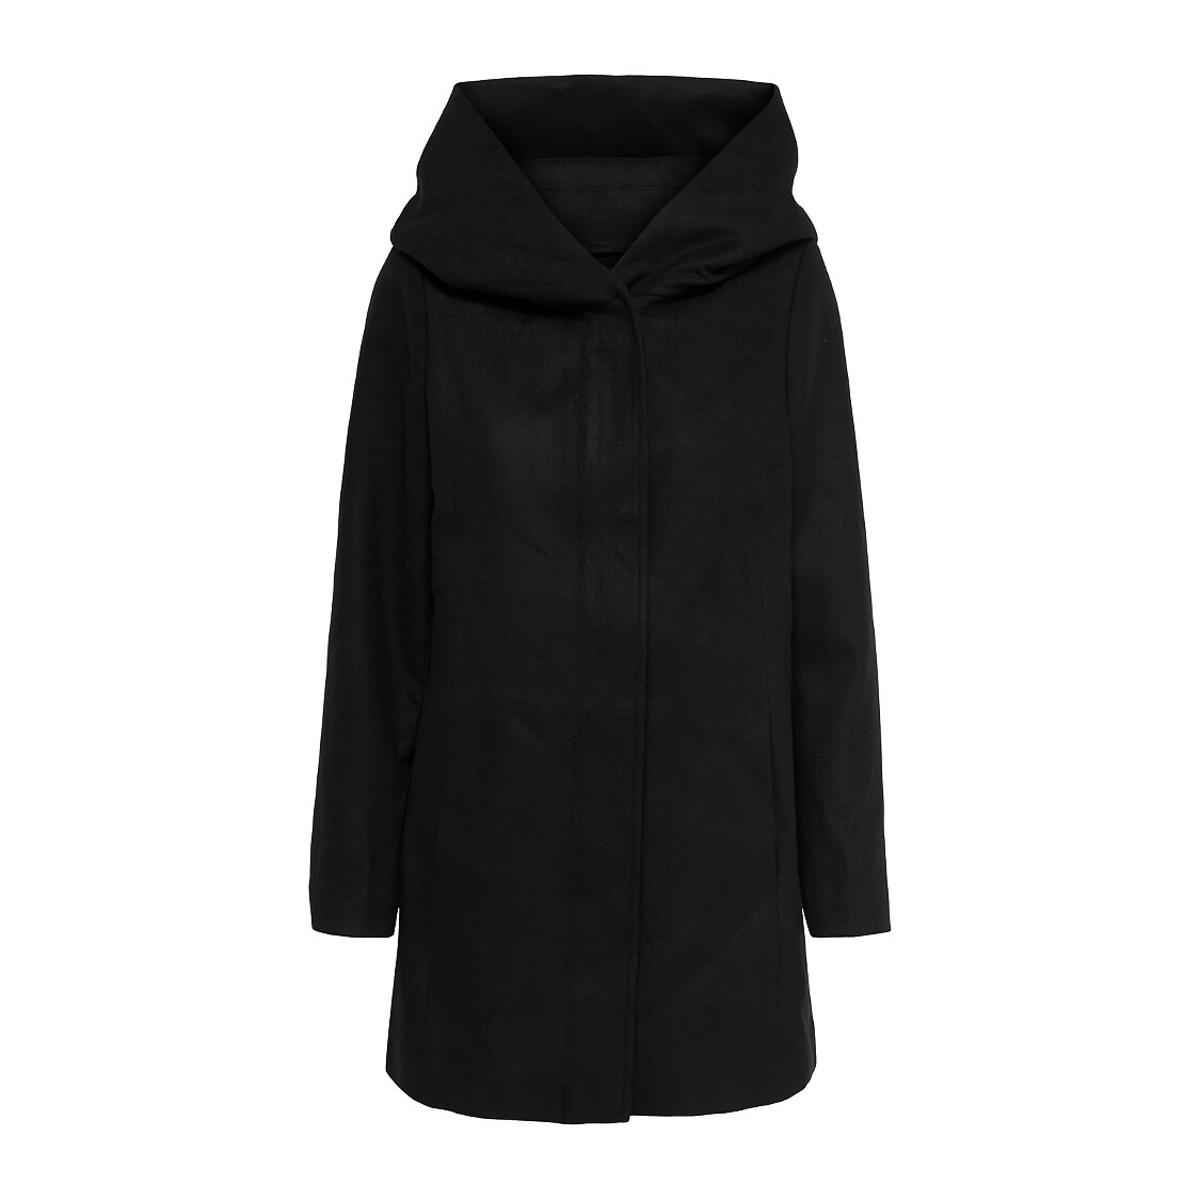 Пальто LaRedoute Прямое средней длины с капюшоном S черный